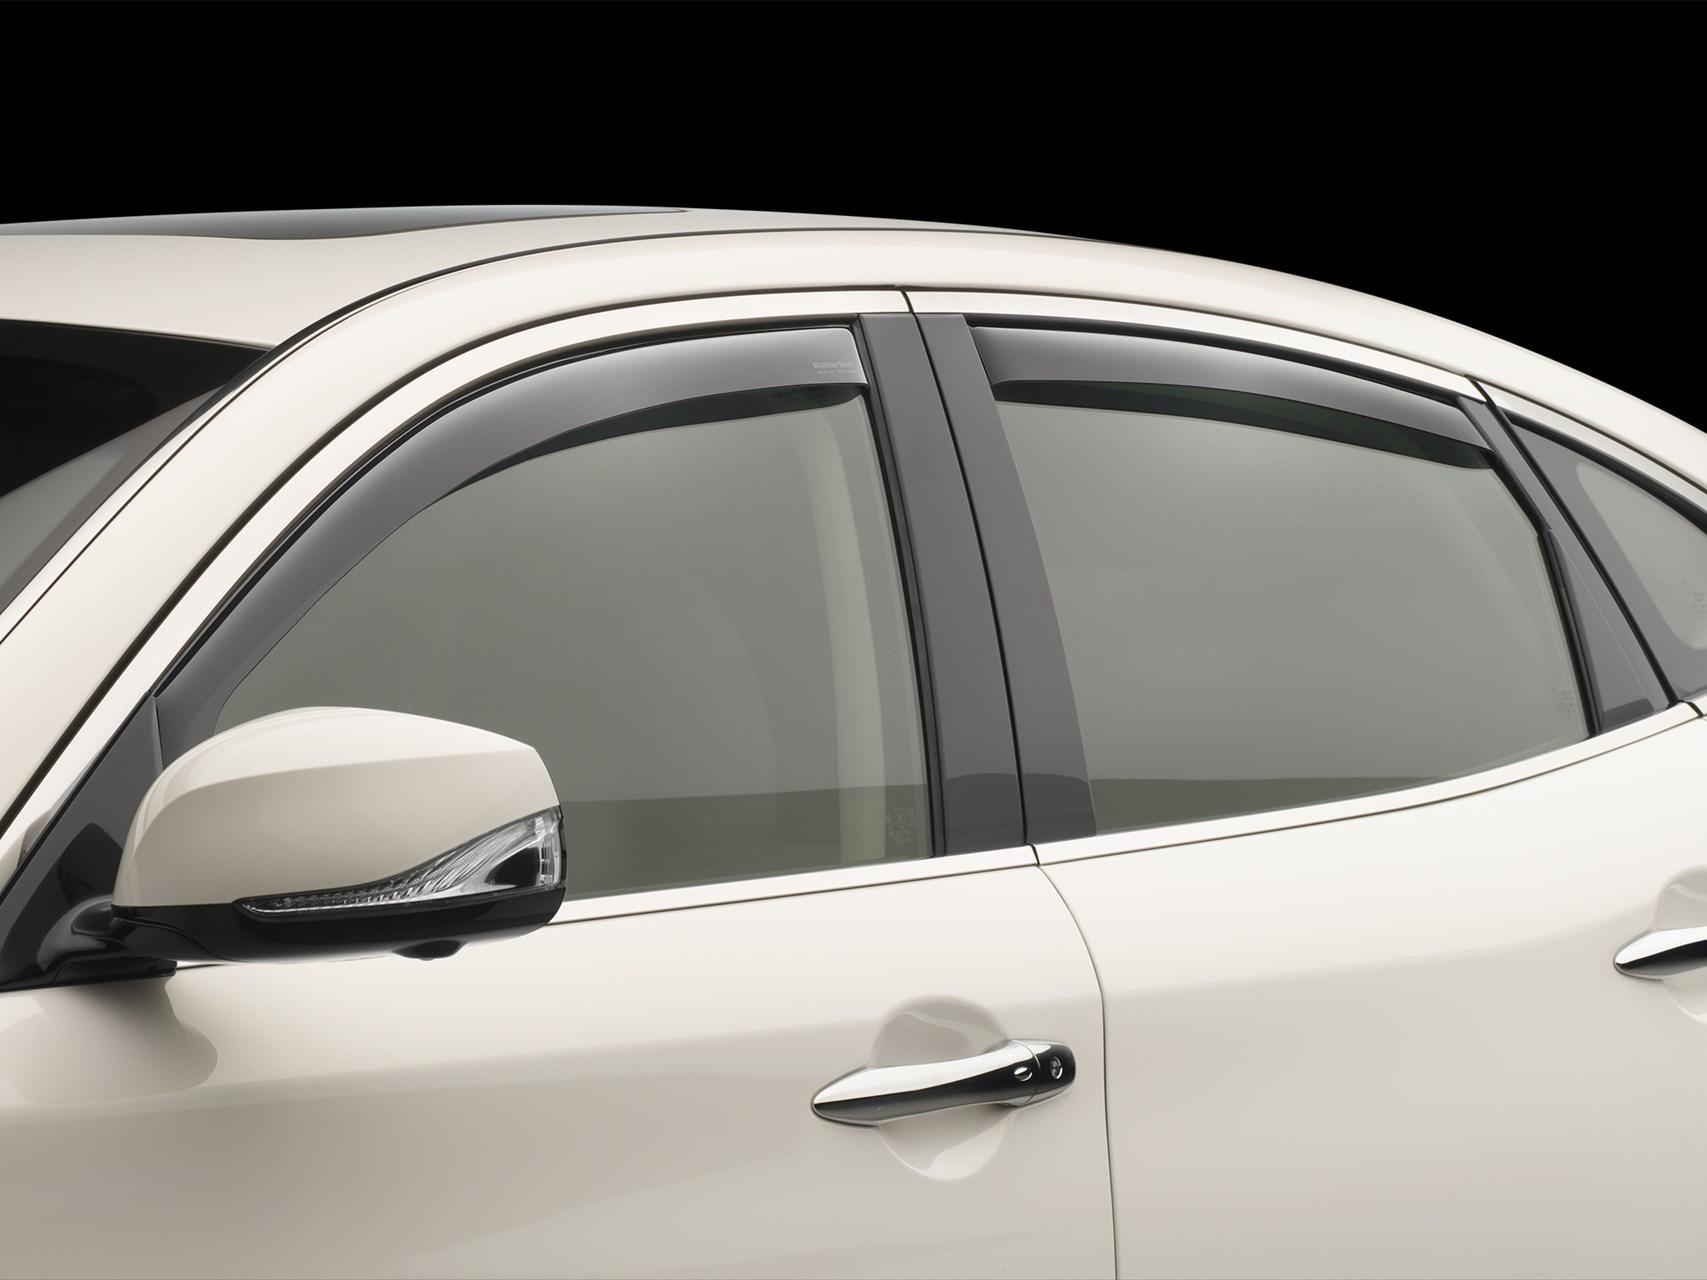 Weathertech Side Window Deflectors >> WeatherTech Side Window Deflectors, Rain Guards